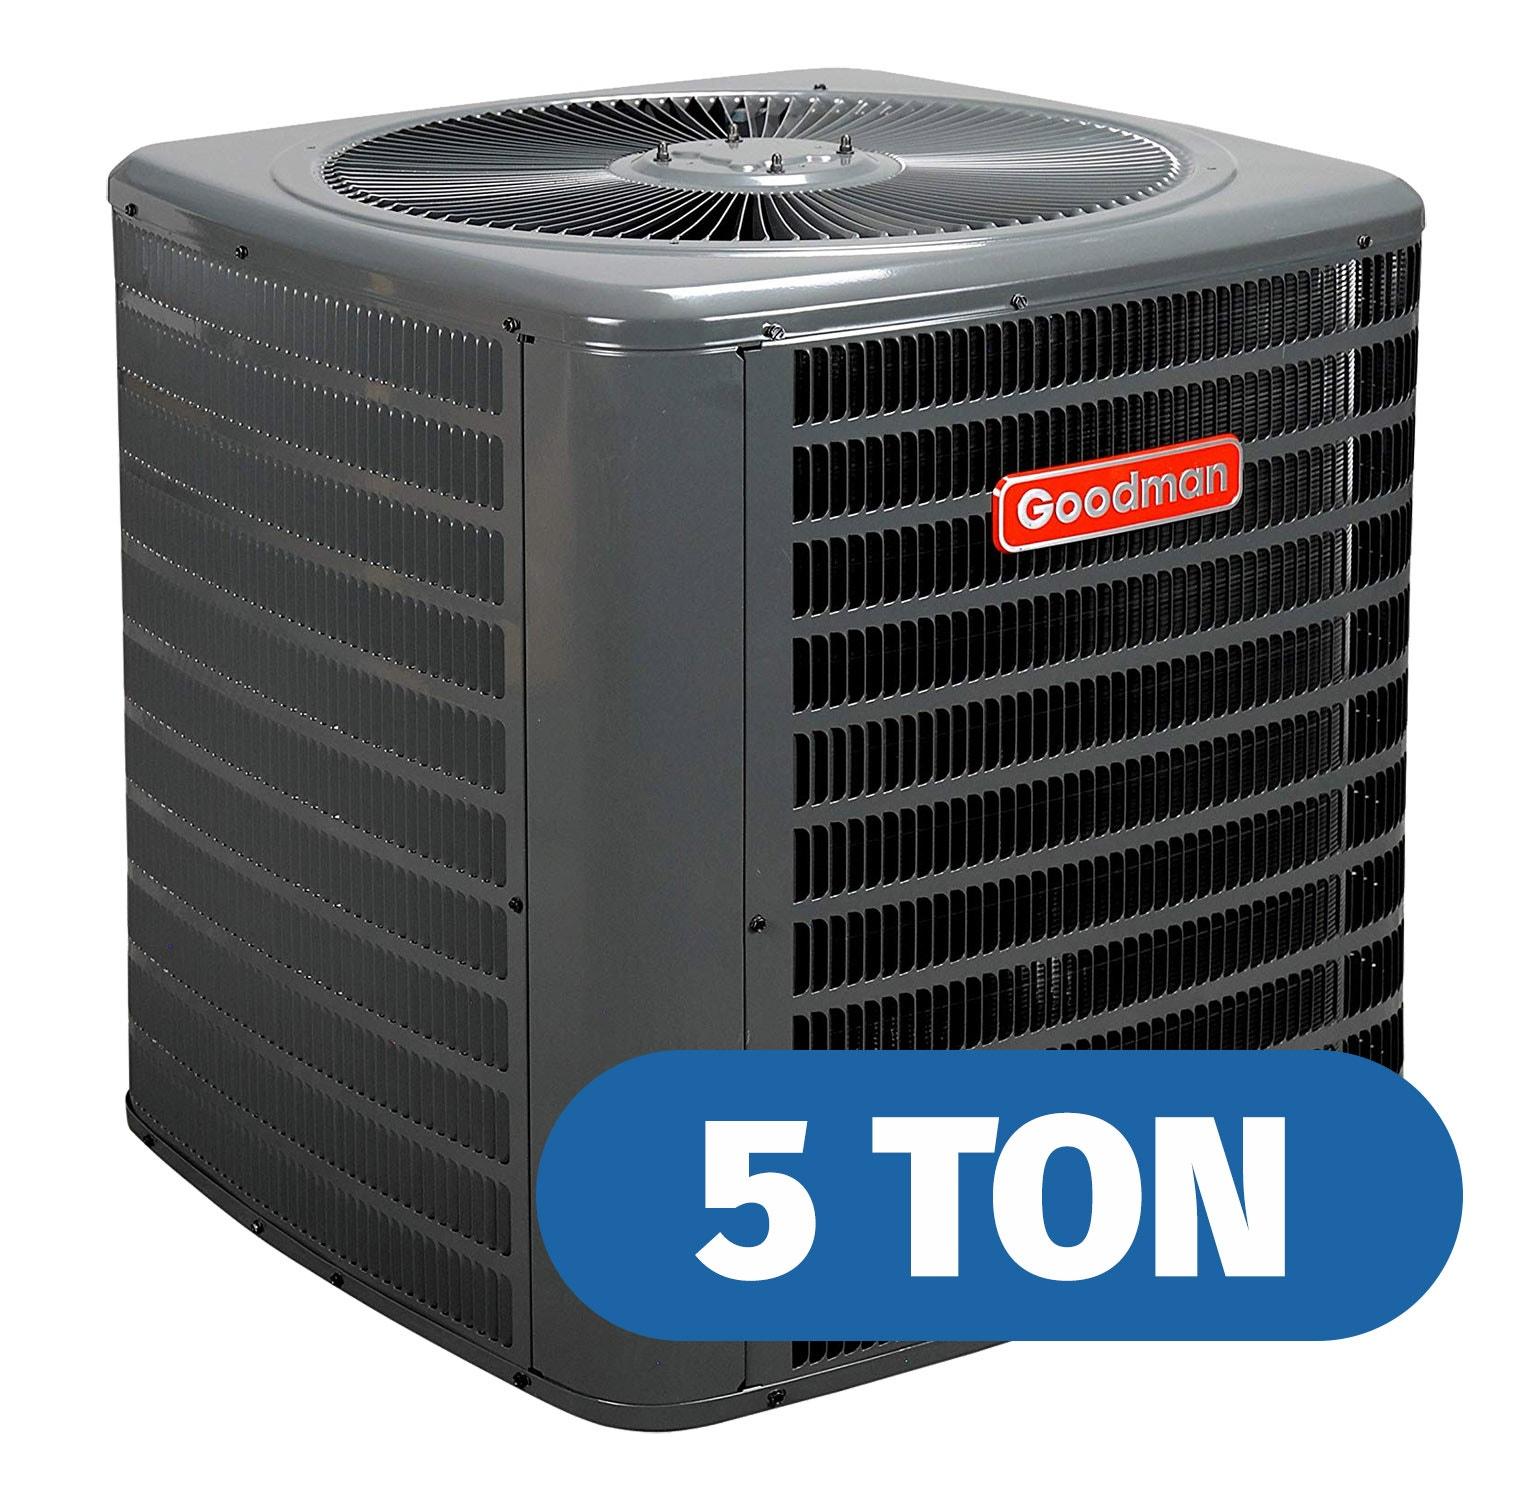 5 Ton Heat Pumps